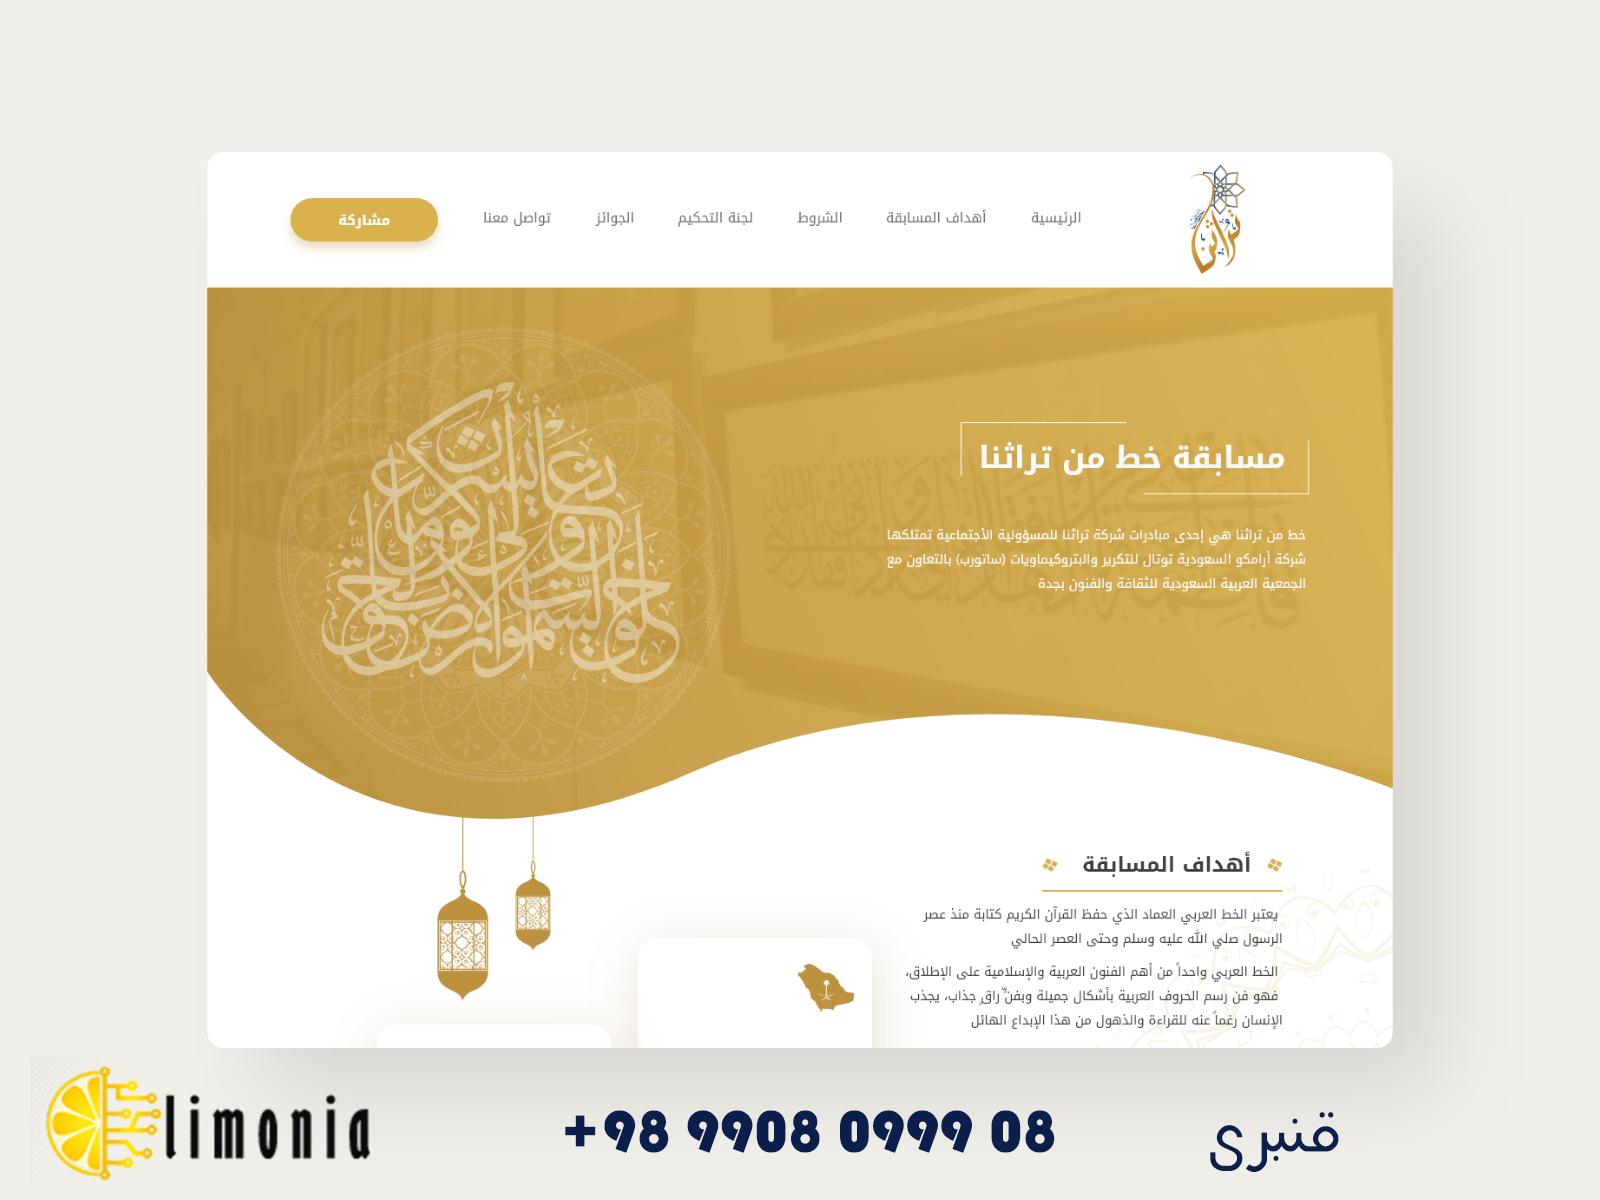 تصميم موقع عربي ، طراحی و سئو سایت عربی ، seo site arabic